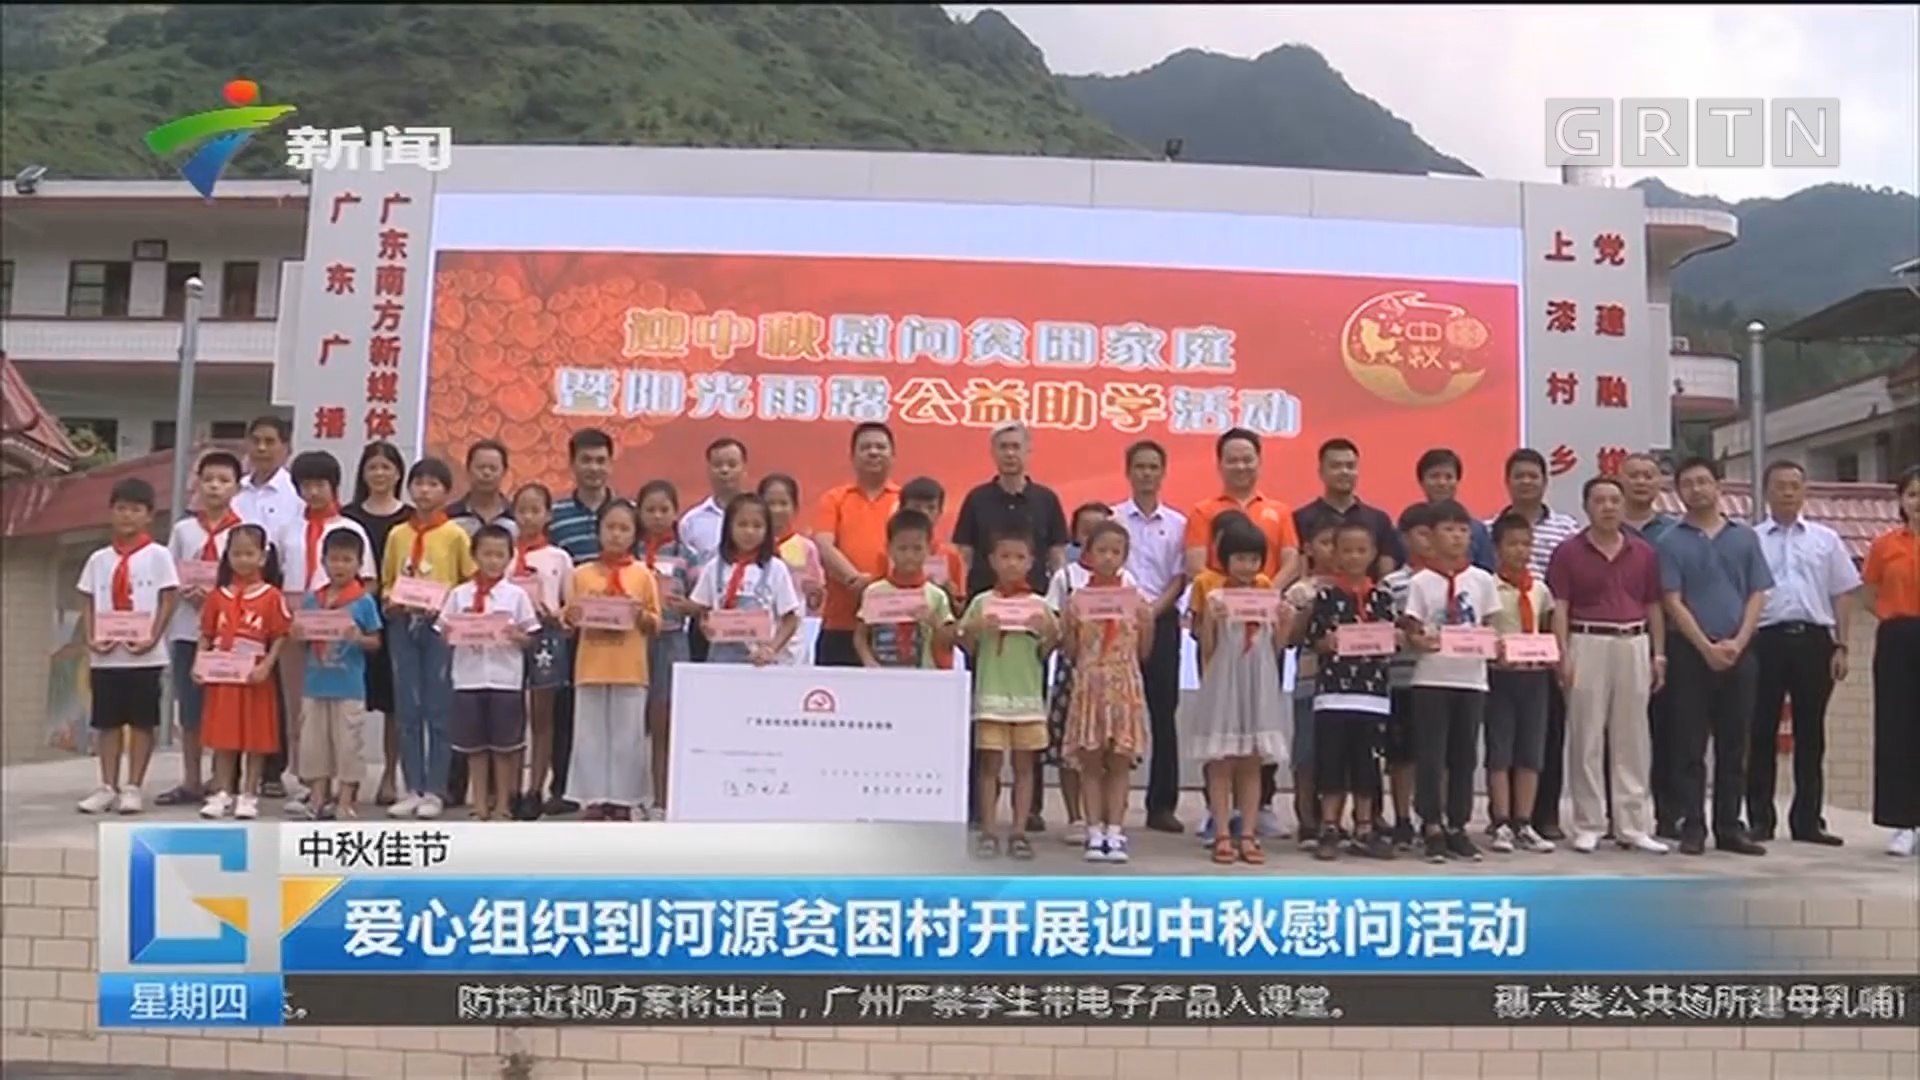 中秋佳节 爱心组织到河源贫困村开展迎中秋慰问活动